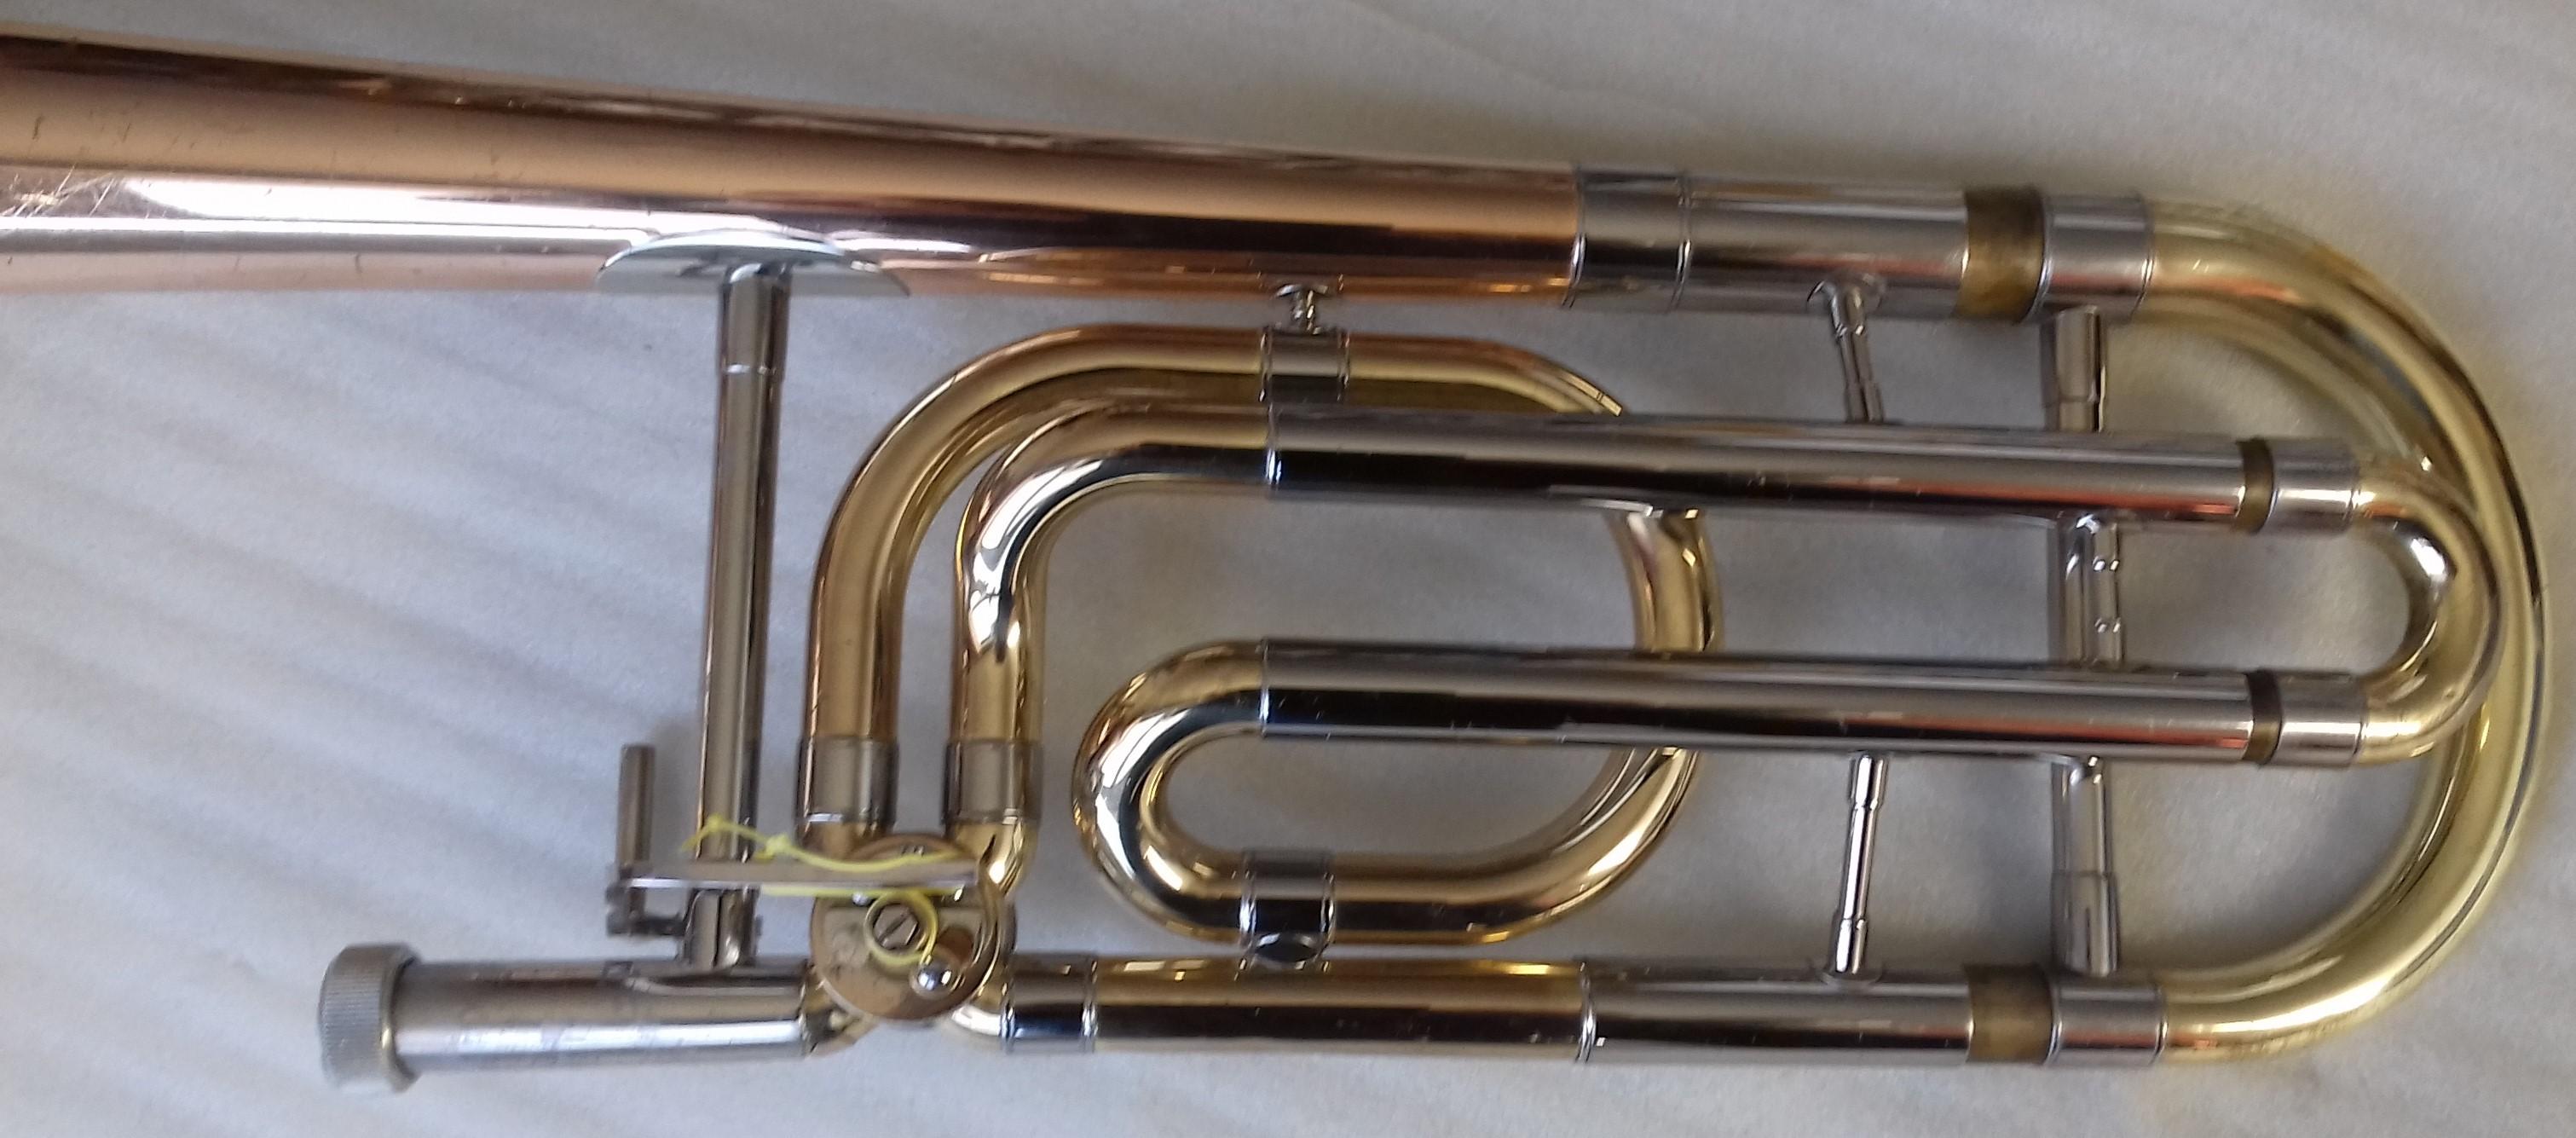 Yamaha YBL 321 bass trombone